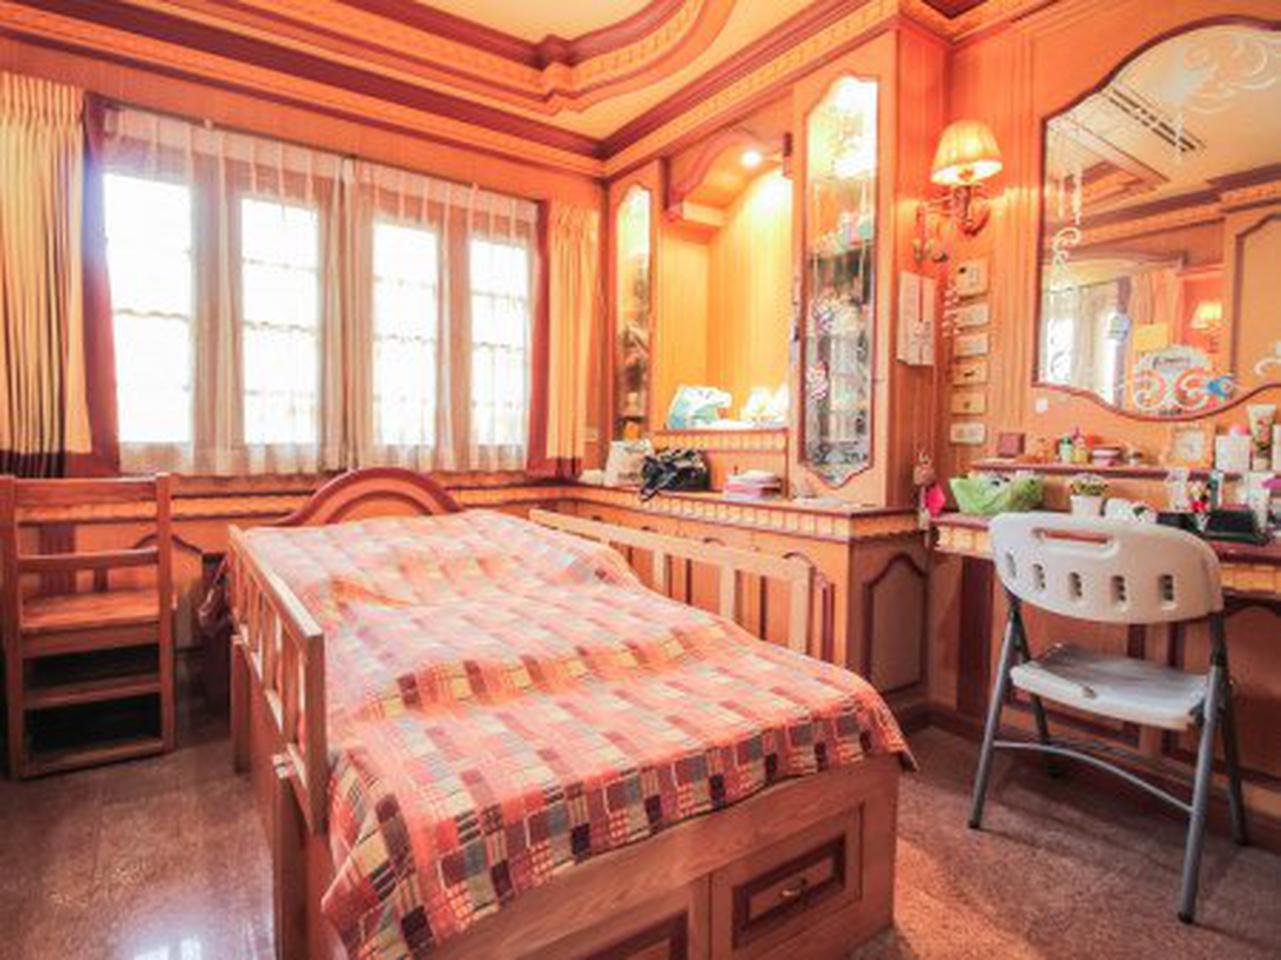 ขาย บ้านเดี่ยว นันทวัน คู้บอน  346 ตร.วา นันทวัน คู้บอน รูปที่ 6